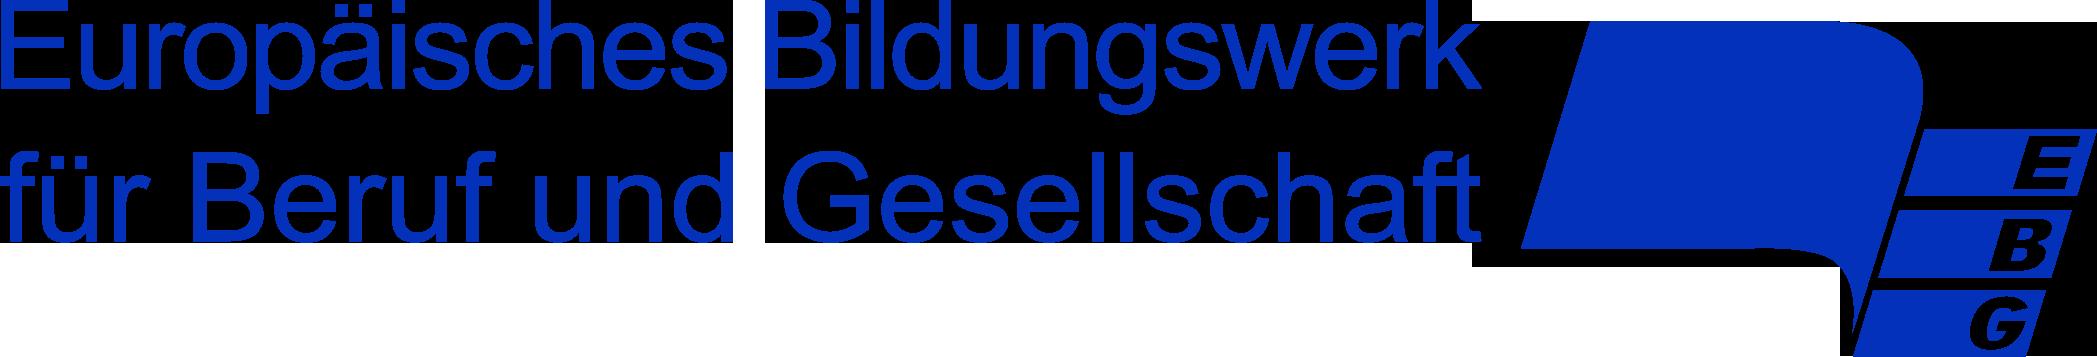 Europäisches Bildungswerk für Beruf und Gesellschaft